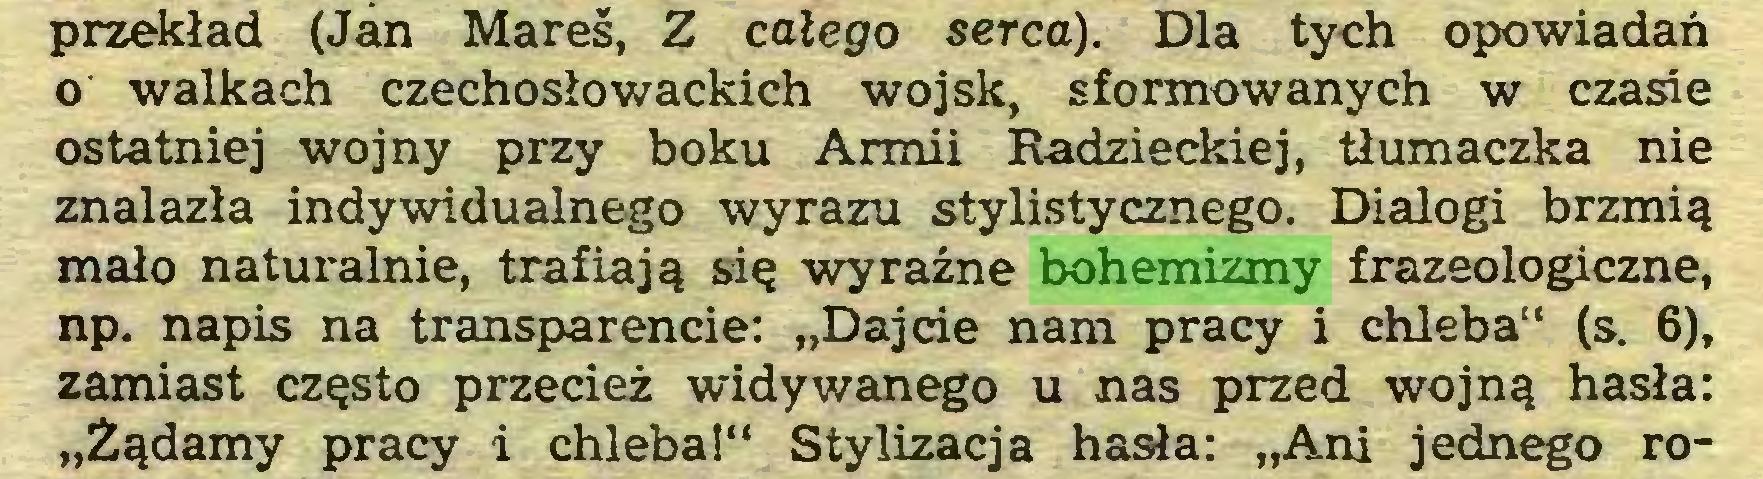 """(...) przekład (Jan Mareś, Z całego serca). Dla tych opowiadań 0 walkach czechosłowackich wojsk, sformowanych w czasie ostatniej wojny przy boku Armii Radzieckiej, tłumaczka nie znalazła indywidualnego wyrazu stylistycznego. Dialogi brzmią mało naturalnie, trafiają się wyraźne bohemizmy frazeologiczne, np. napis na transparencie: """"Dajcie nam pracy i chleba"""" (s. 6), zamiast często przecież widywanego u nas przed wojną hasła: """"Żądamy pracy i chleba!"""" Stylizacja hasła: """"Ani jednego ro..."""